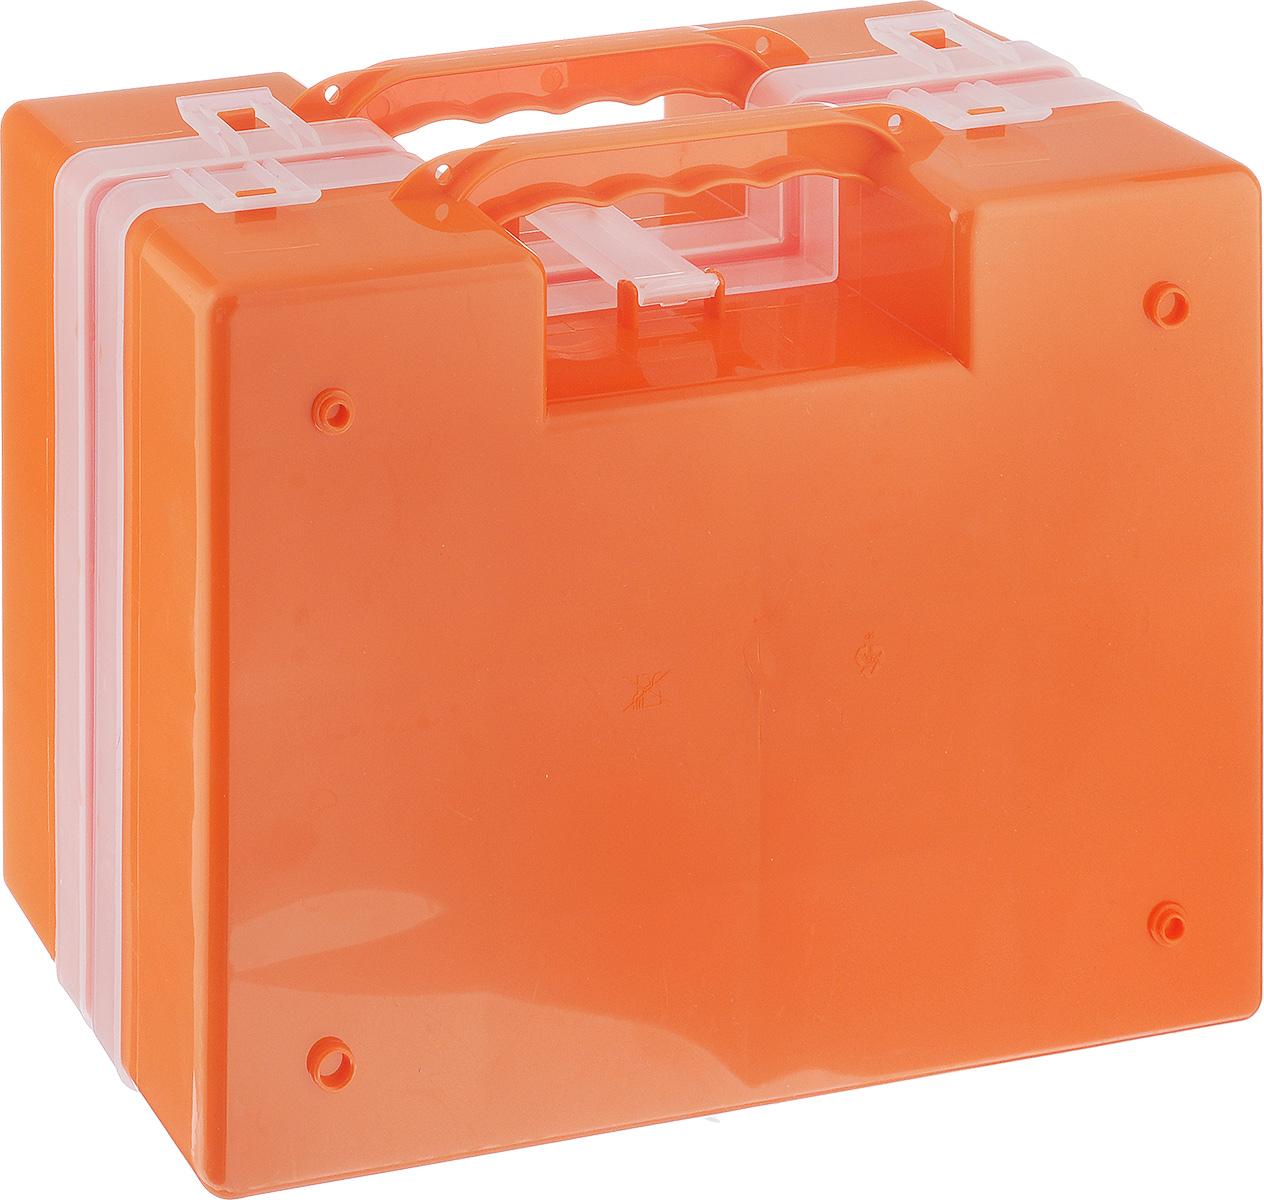 Органайзер Idea, двойной, цвет: оранжевый, 27,2 х 21,7 х 10 смМ 2957_оранжевыйОрганайзер Idea изготовлен из высококачественного прочного пластика и предназначен для хранения и переноски инструментов. Состоит из 2-х органайзеров, прикрепленных друг к другу. Внутри каждого - 14 прямоугольных секций разной формы. Органайзеры надежно закрываются при помощи пластмассовых защелок. Крышки выполнены из прозрачного пластика, что позволяет видеть содержимое. Благодаря специальным крепежам оба органайзера надежно соединены друг с другом. Размеры секций: 24 секции Размер: 6,6 см х 5,3 см х 4,7 см; 4 секции Размер: 8,1 см х 3,3 см х 4,7 см.